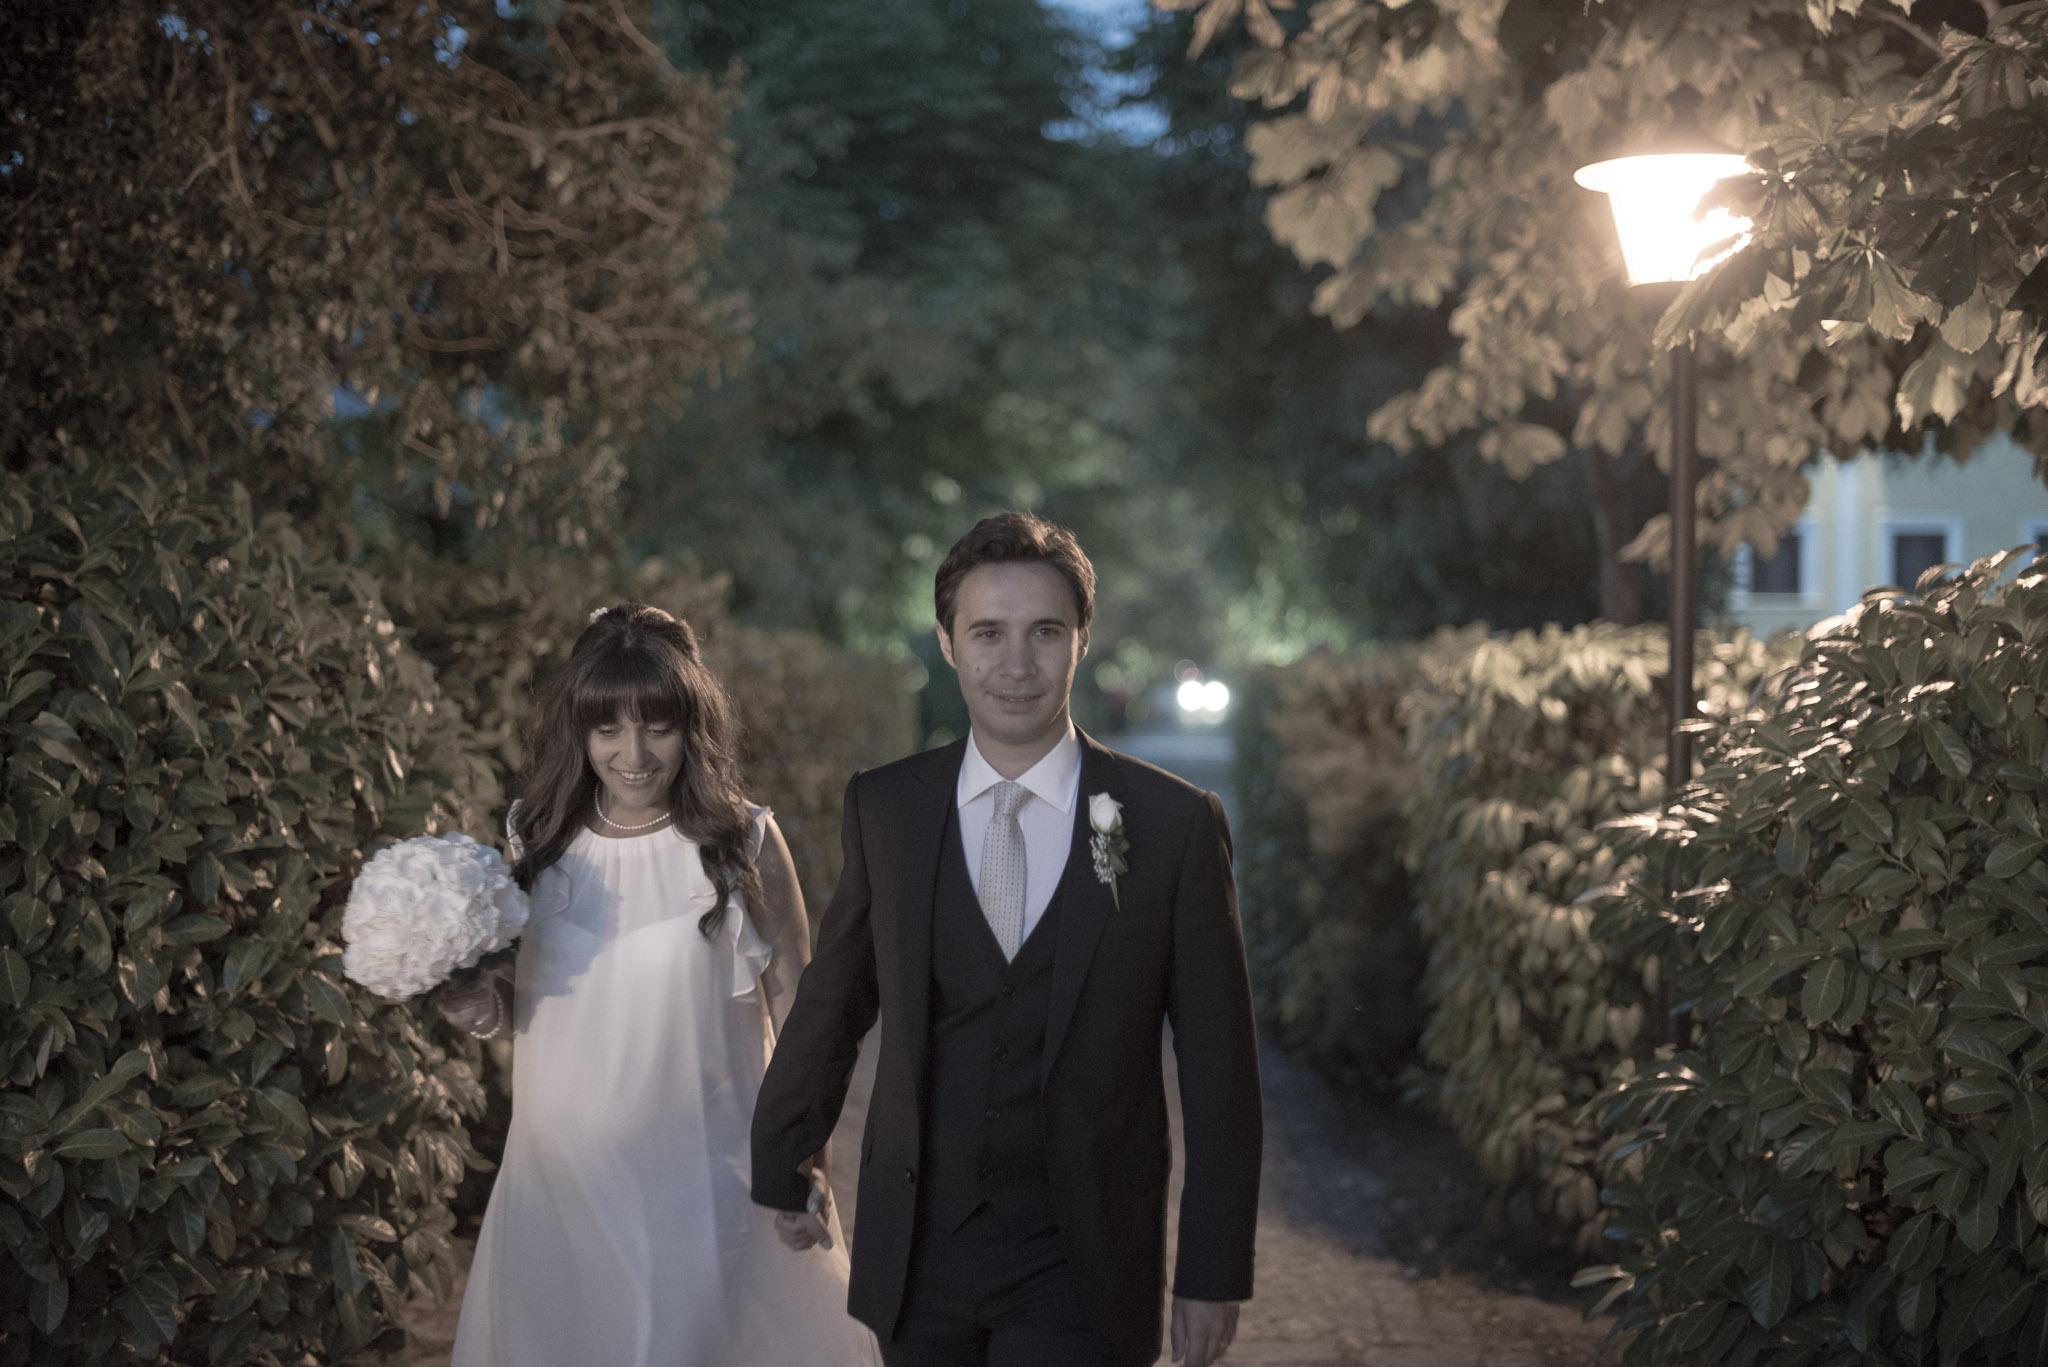 boda en italia_pablosalgado__PSB0821.jpg